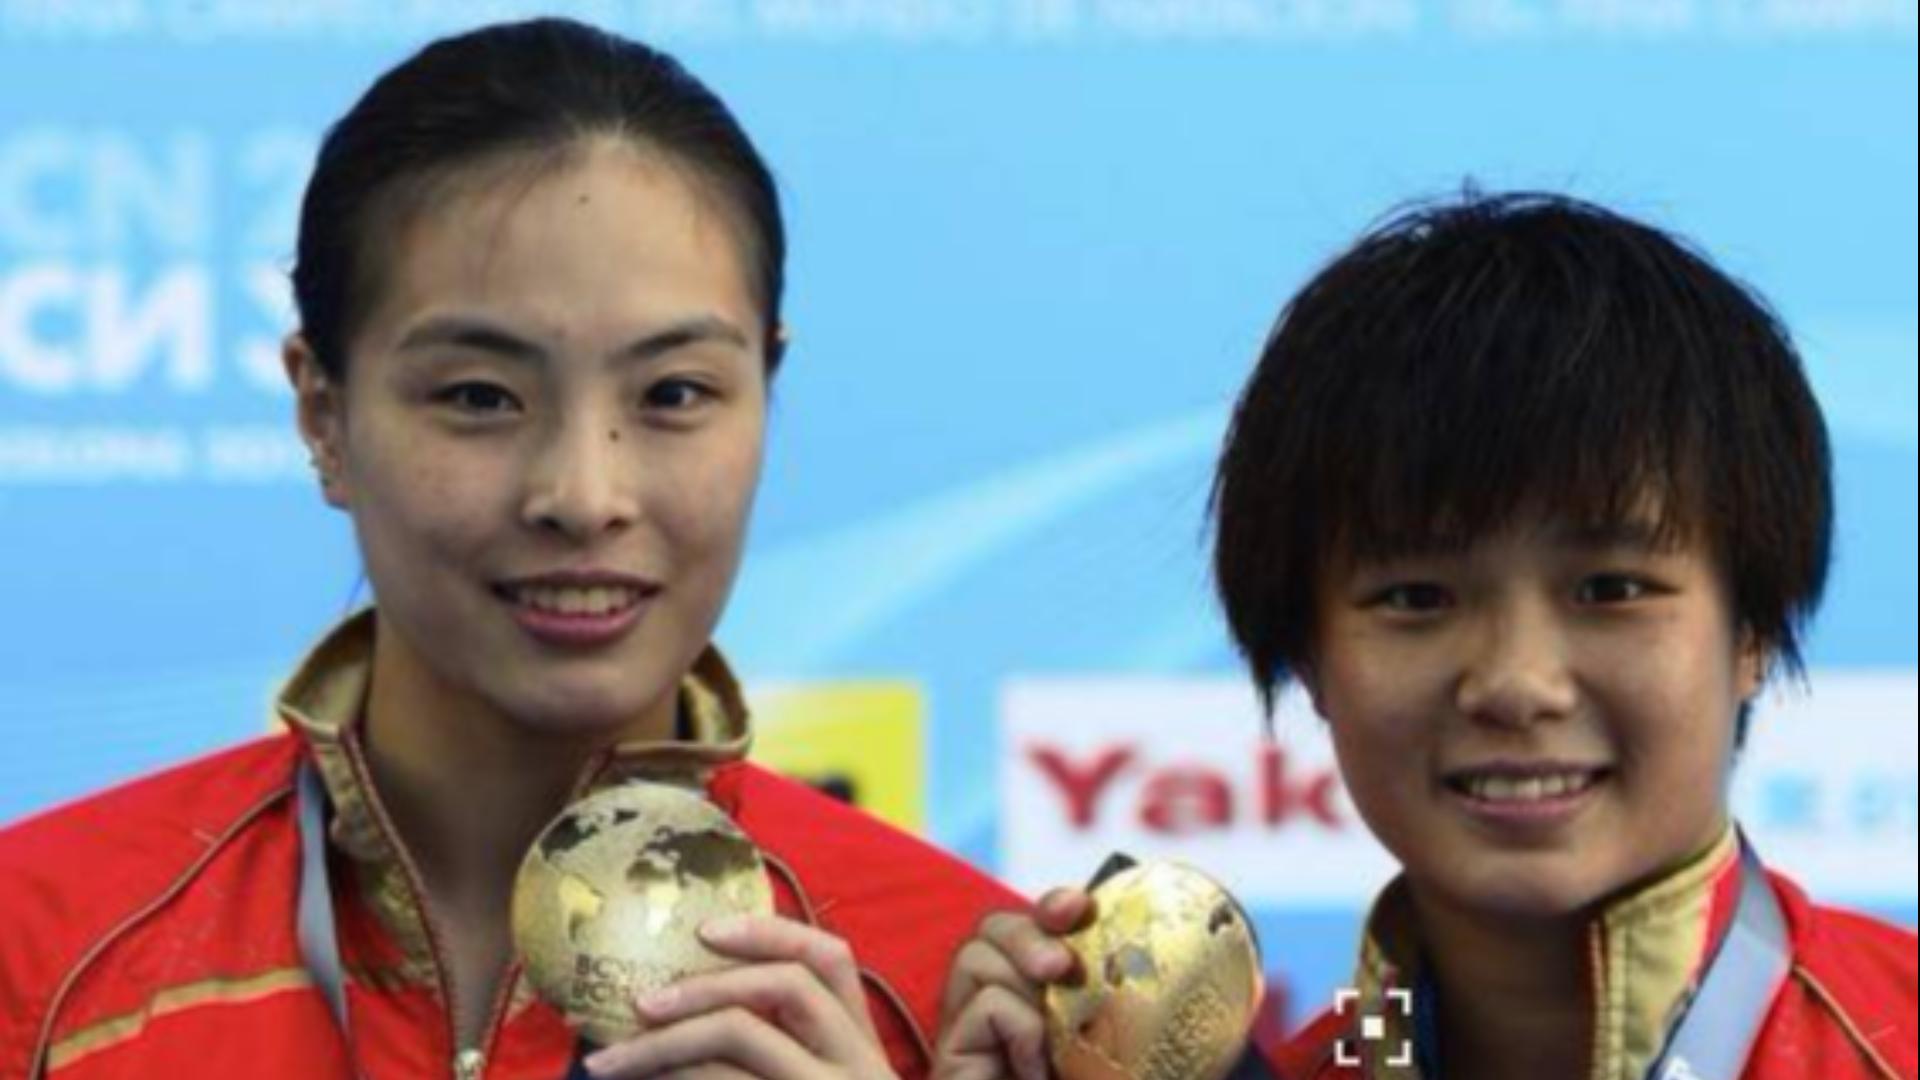 【共和国女神】中国女子跳水队精彩集锦